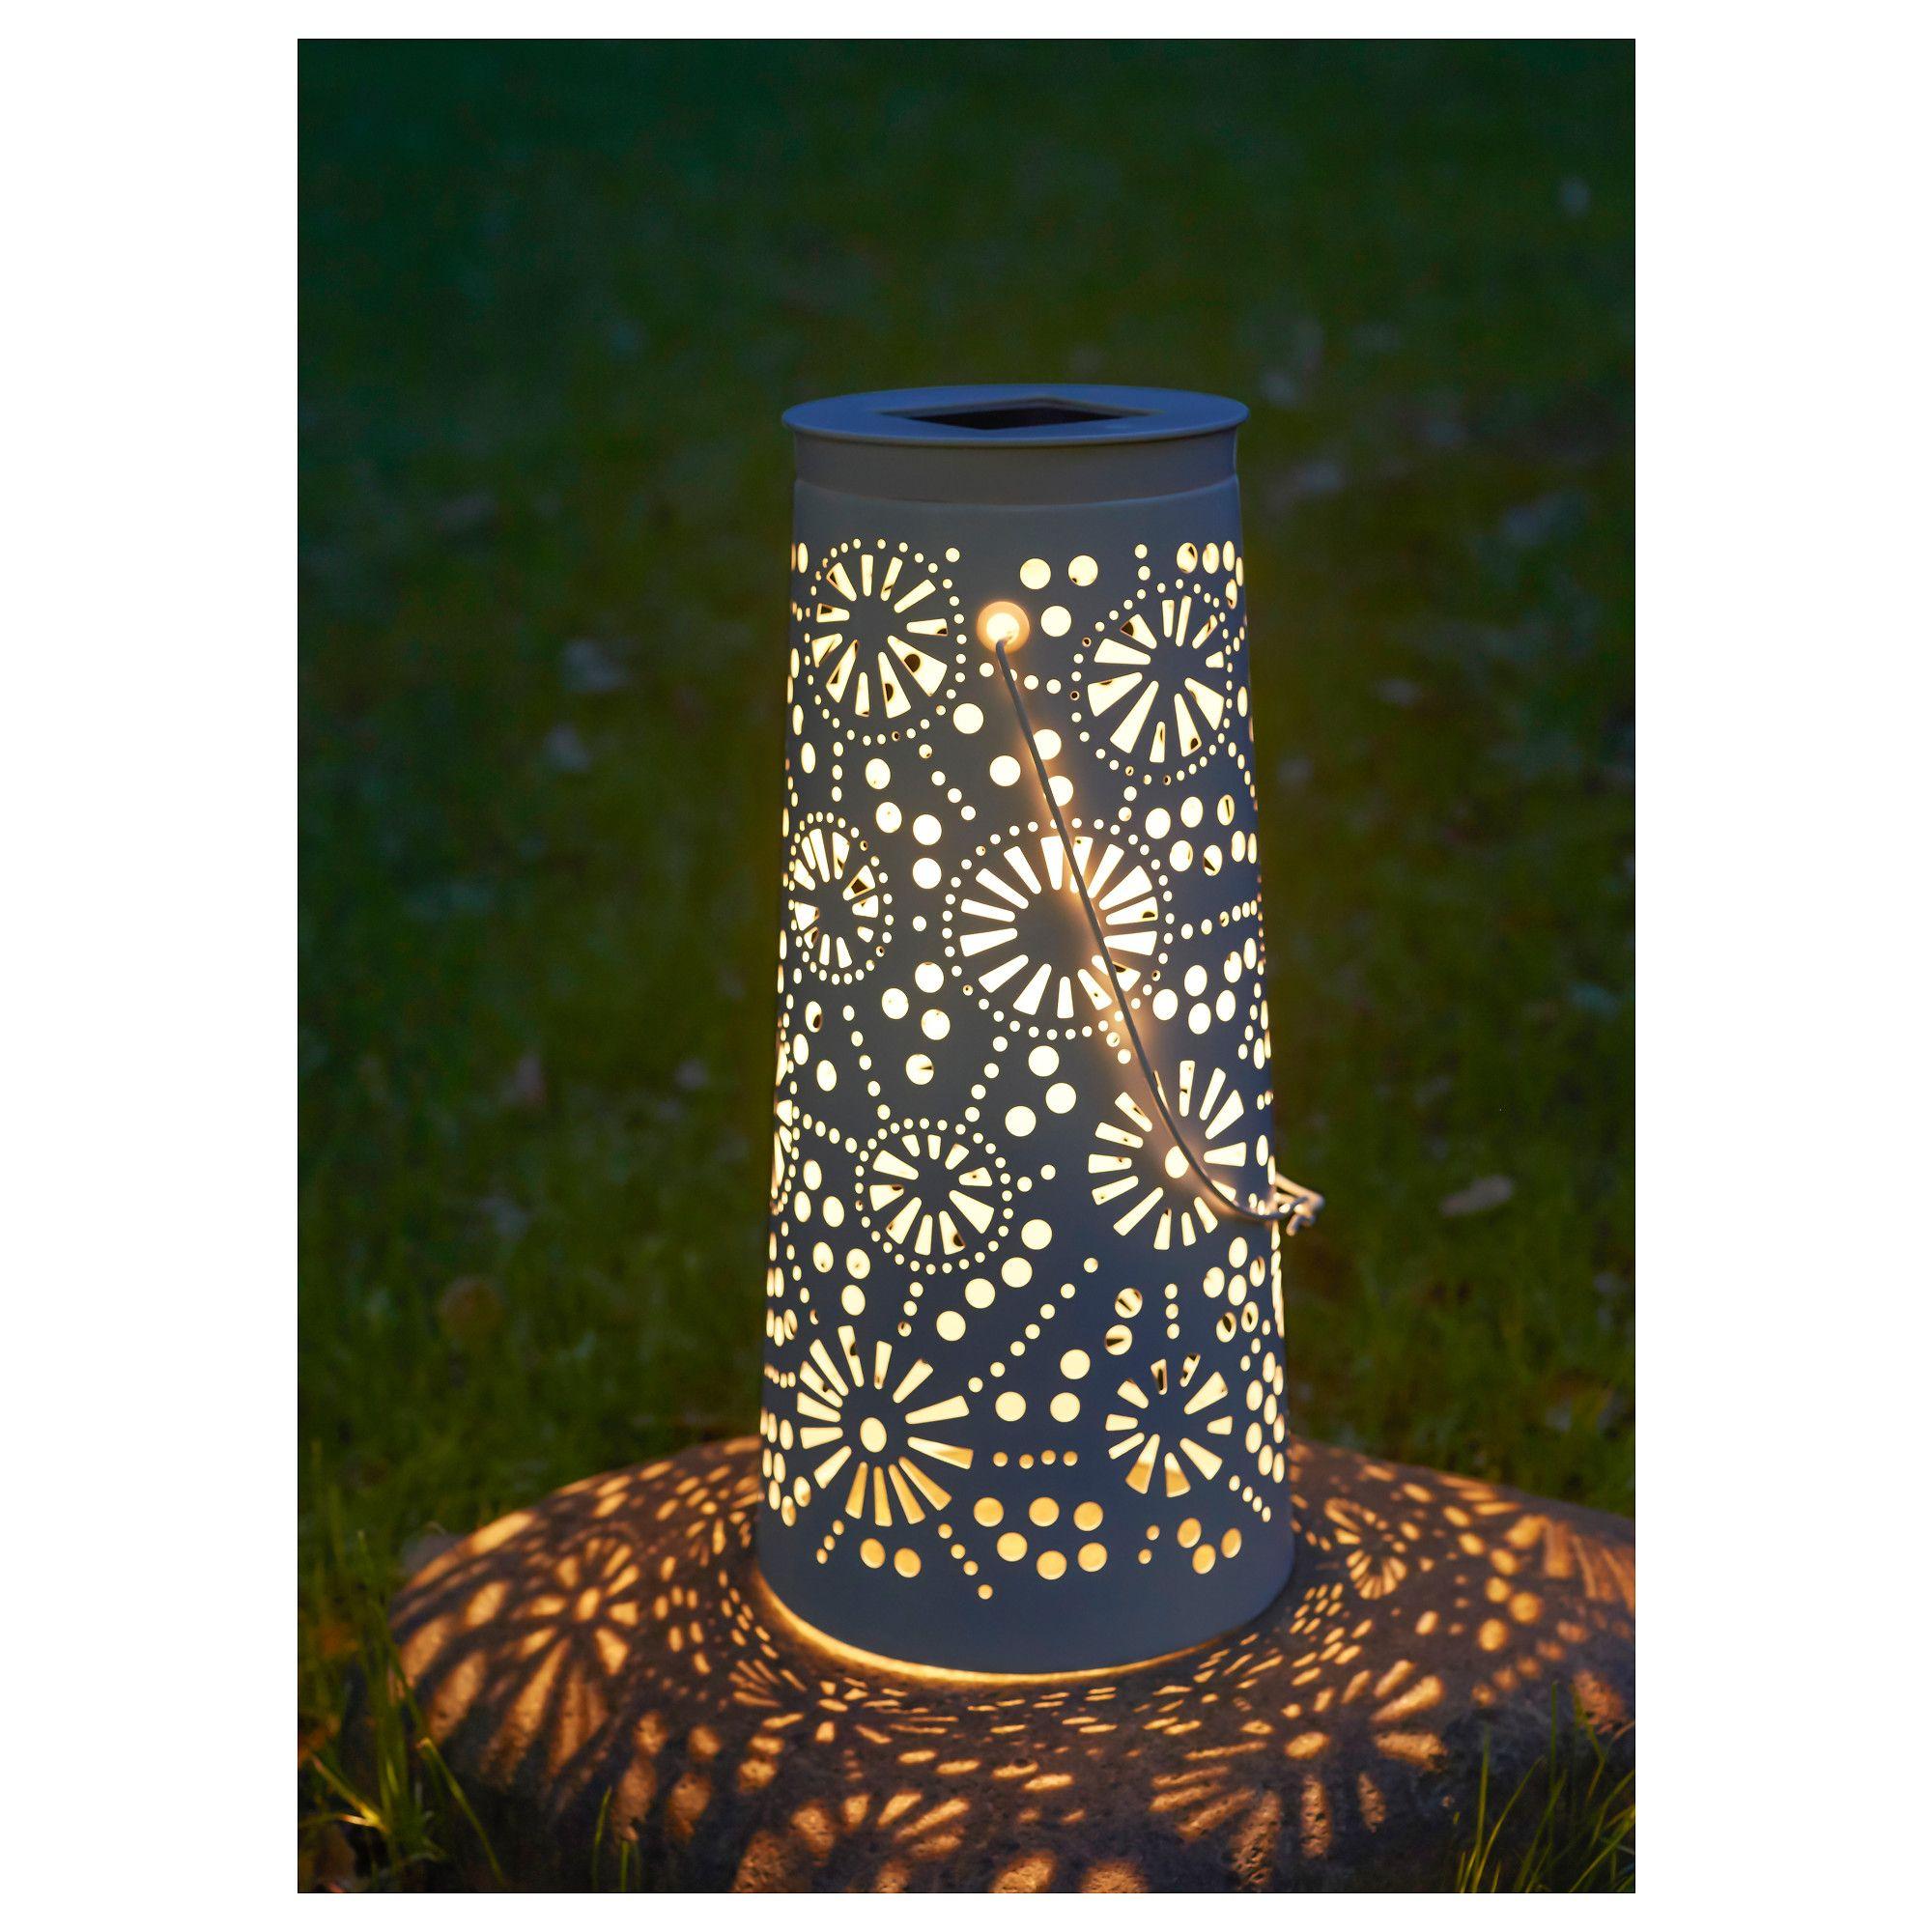 Lampes Solaires Ikea Lampe De Table Solaire Ikea